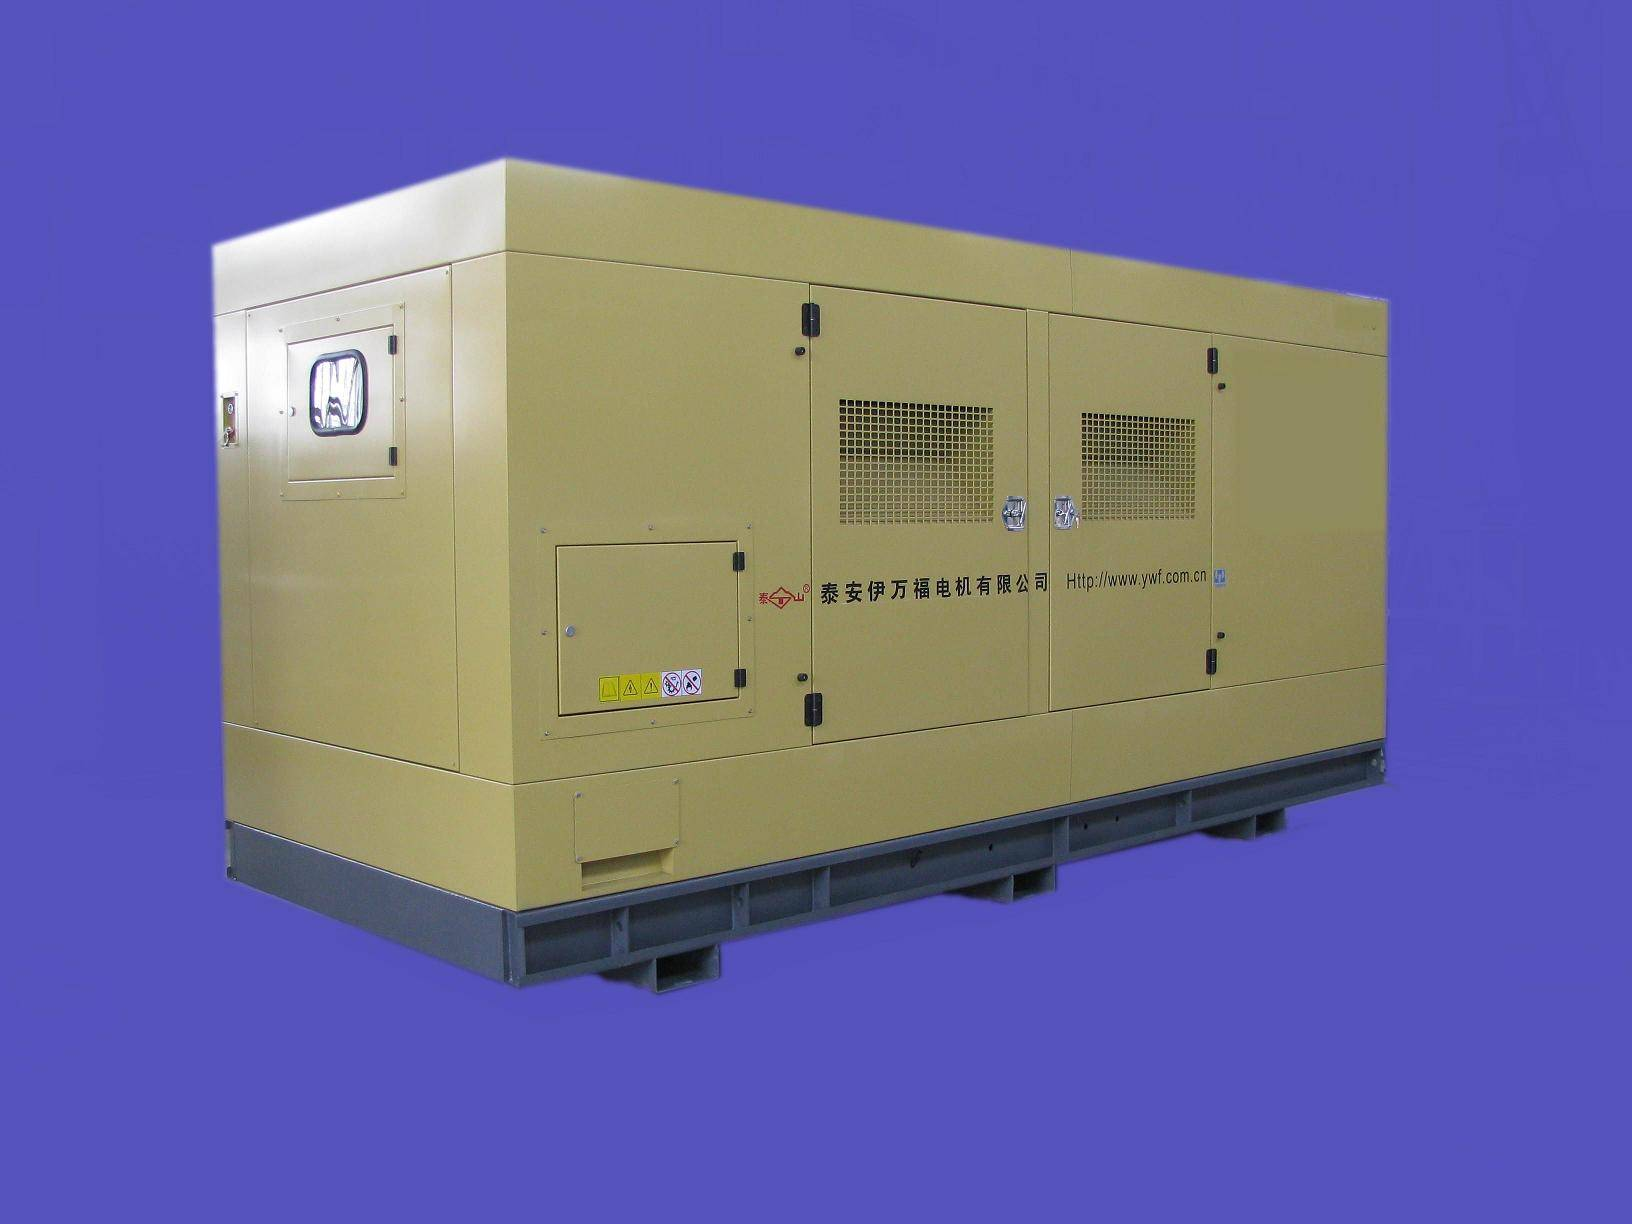 Slient generators